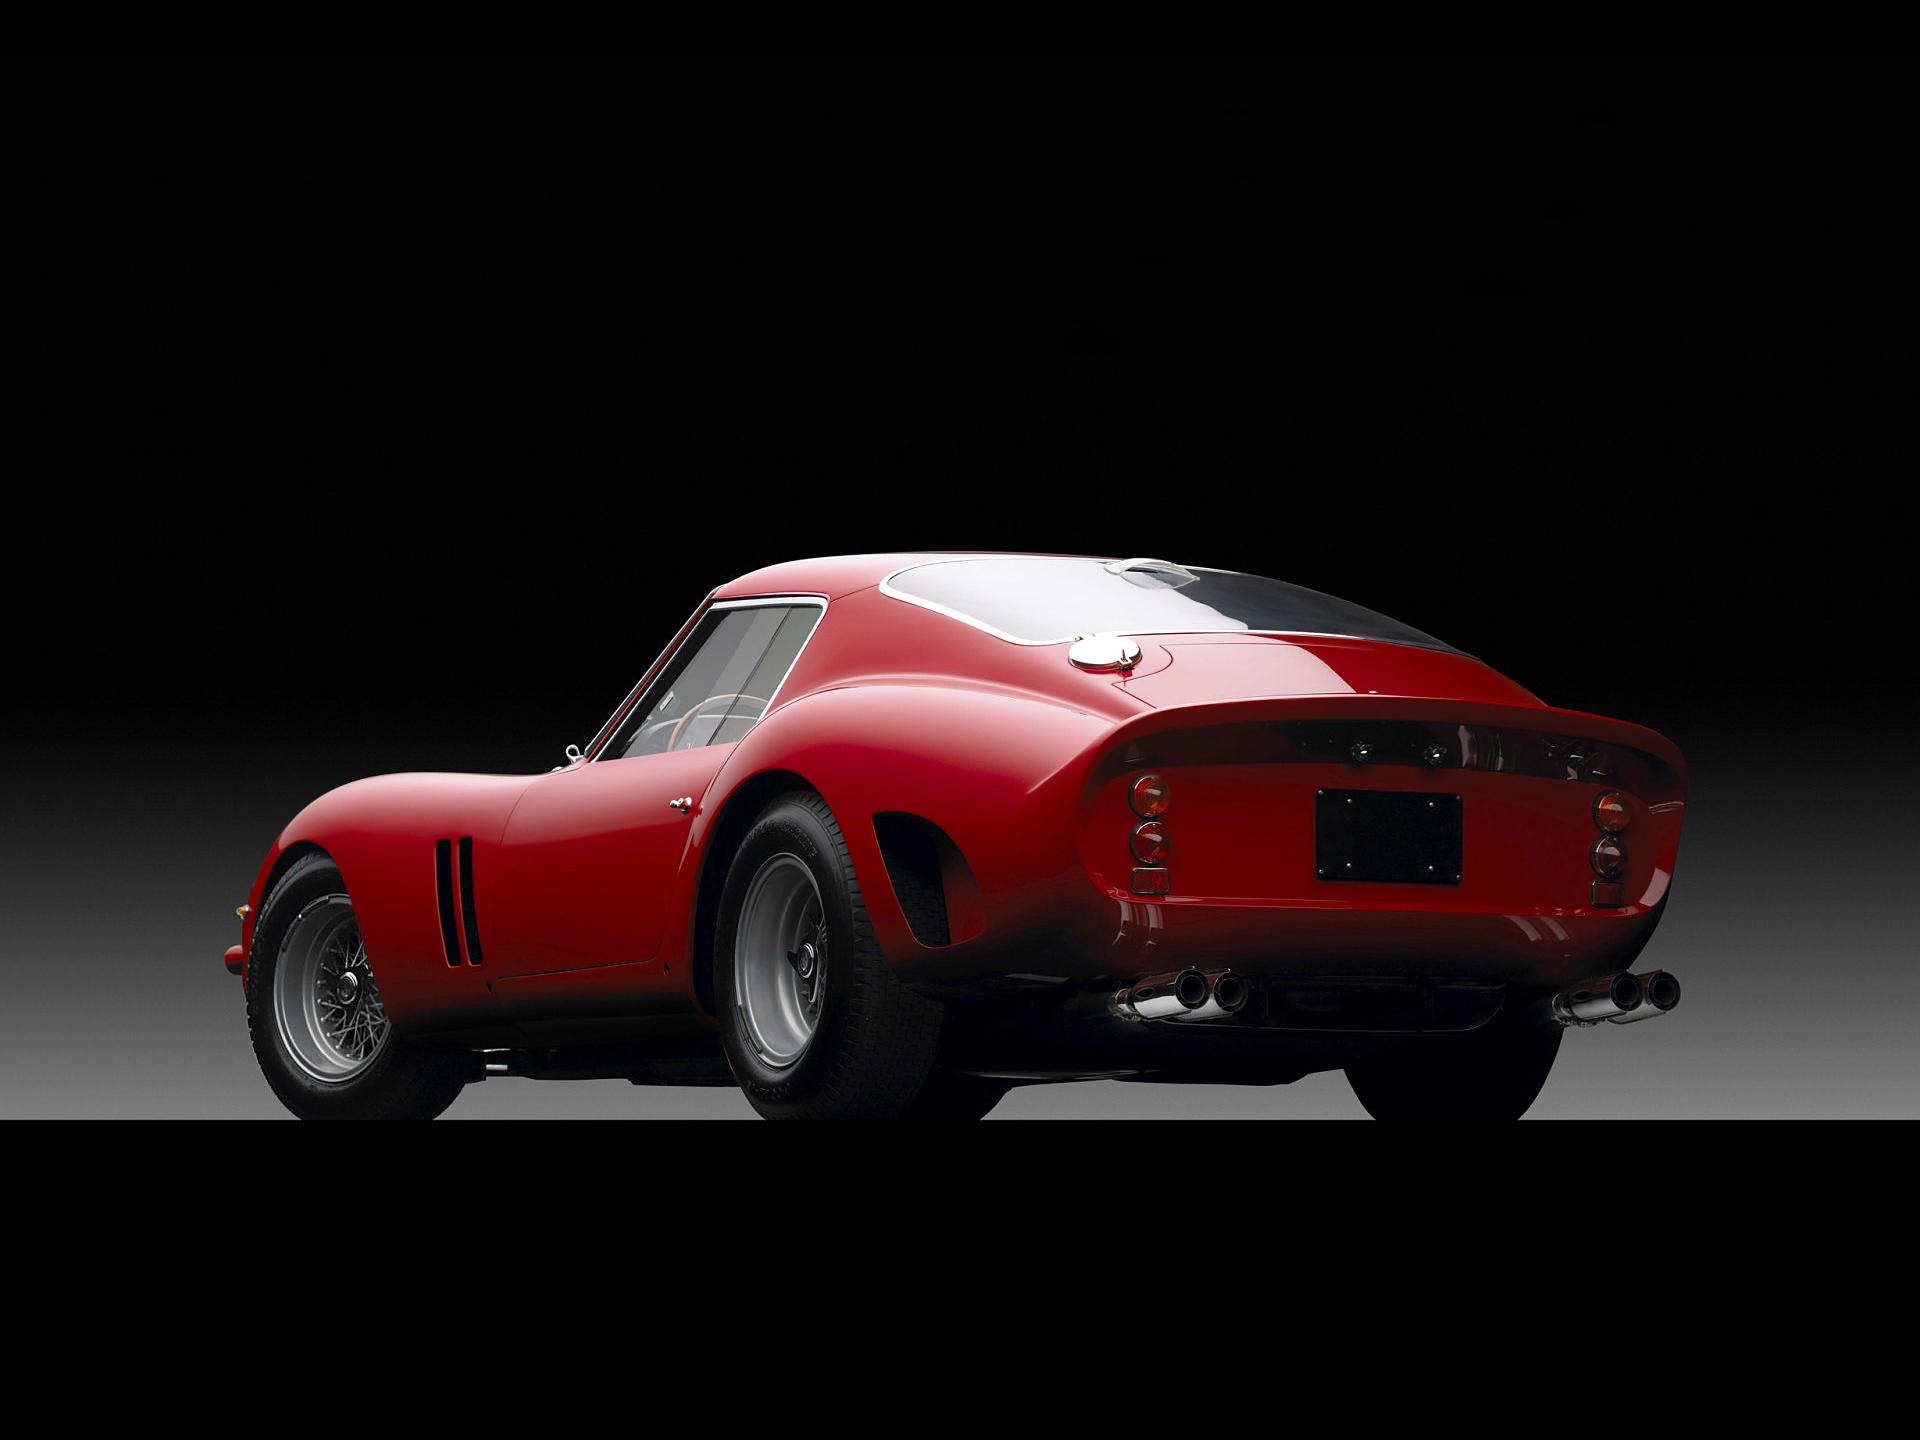 Ferrari 250 Gto Wallpapers: 7 Ferrari 250 GTO Fonds D'écran HD